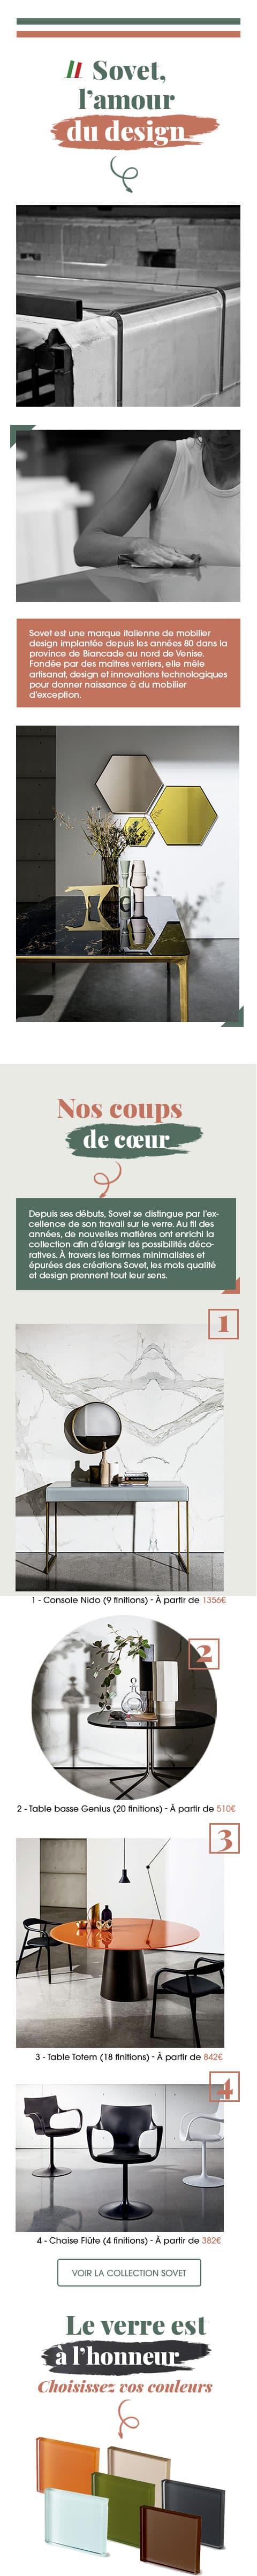 Présentation de notre partenaire Sovet, marque italienne de mobilier design.